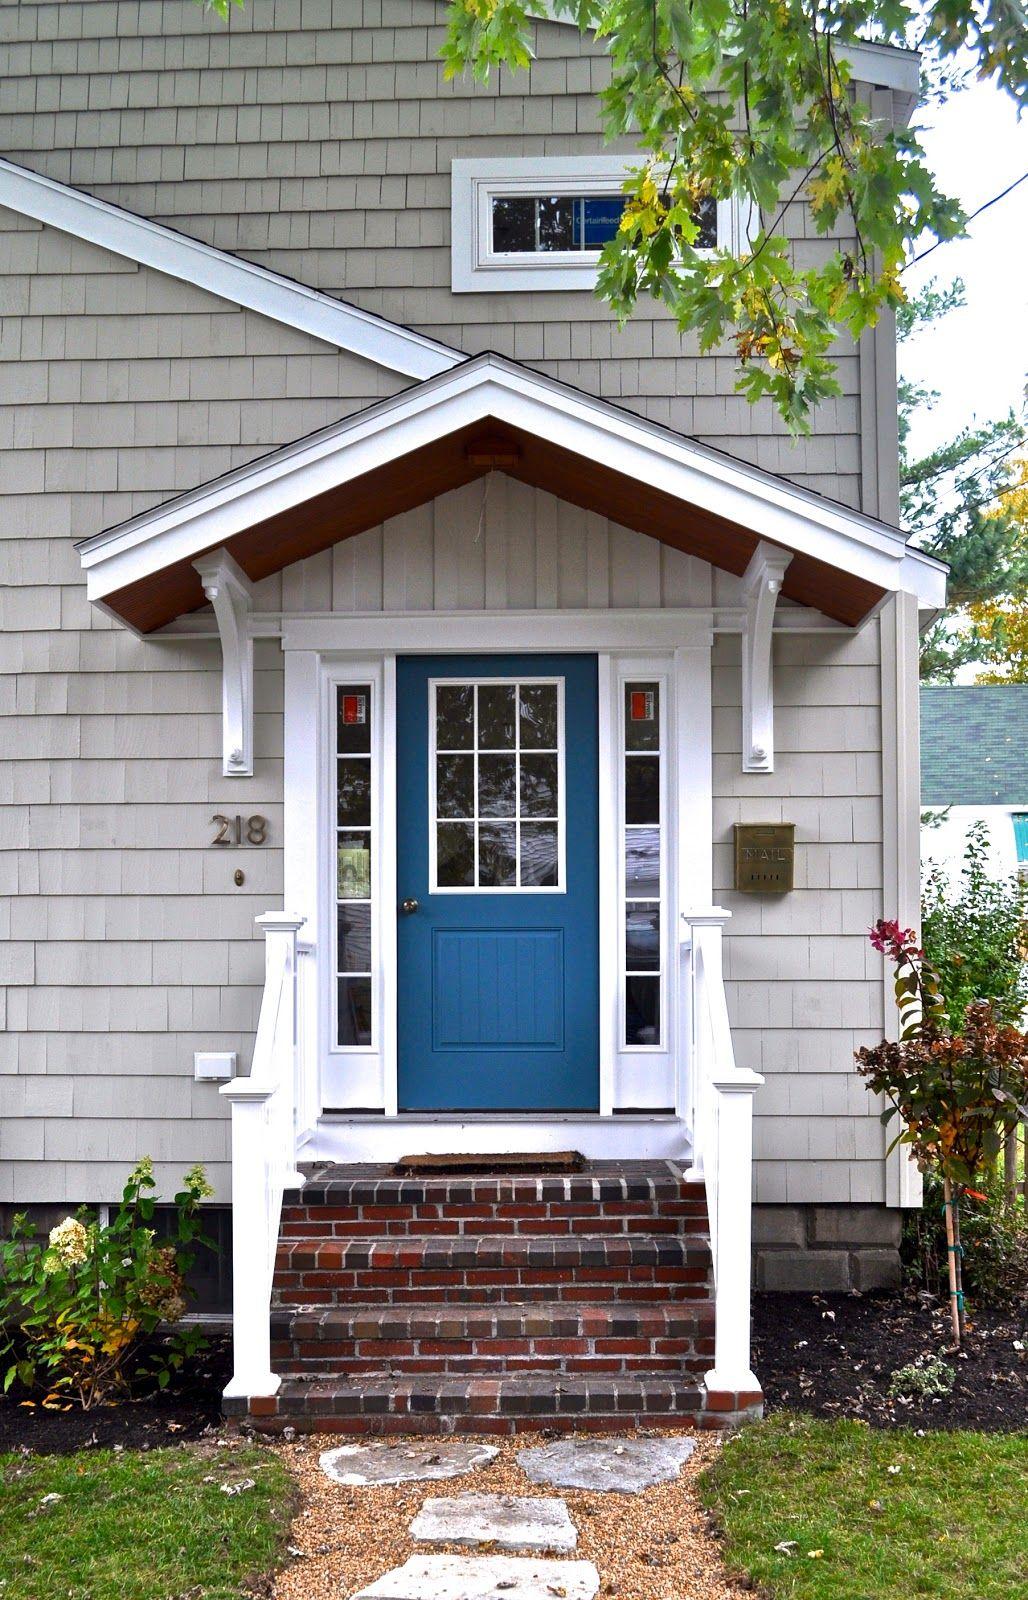 toit d 39 entr e projets ext rieurs pinterest maison porche et ext rieur. Black Bedroom Furniture Sets. Home Design Ideas